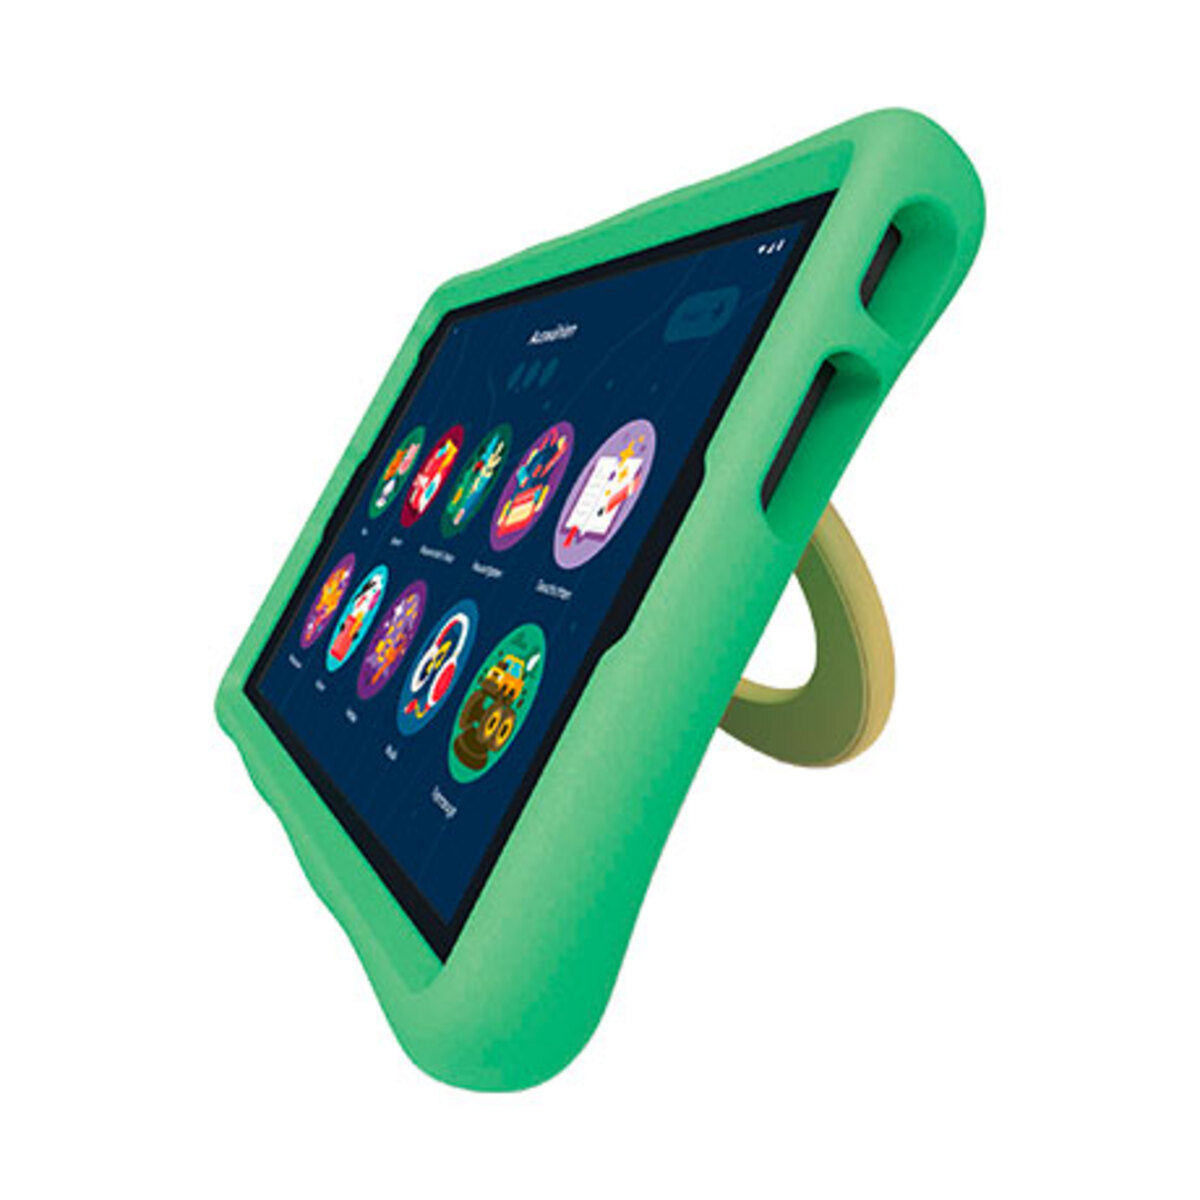 Bild 3 von Kids Tablet E104401